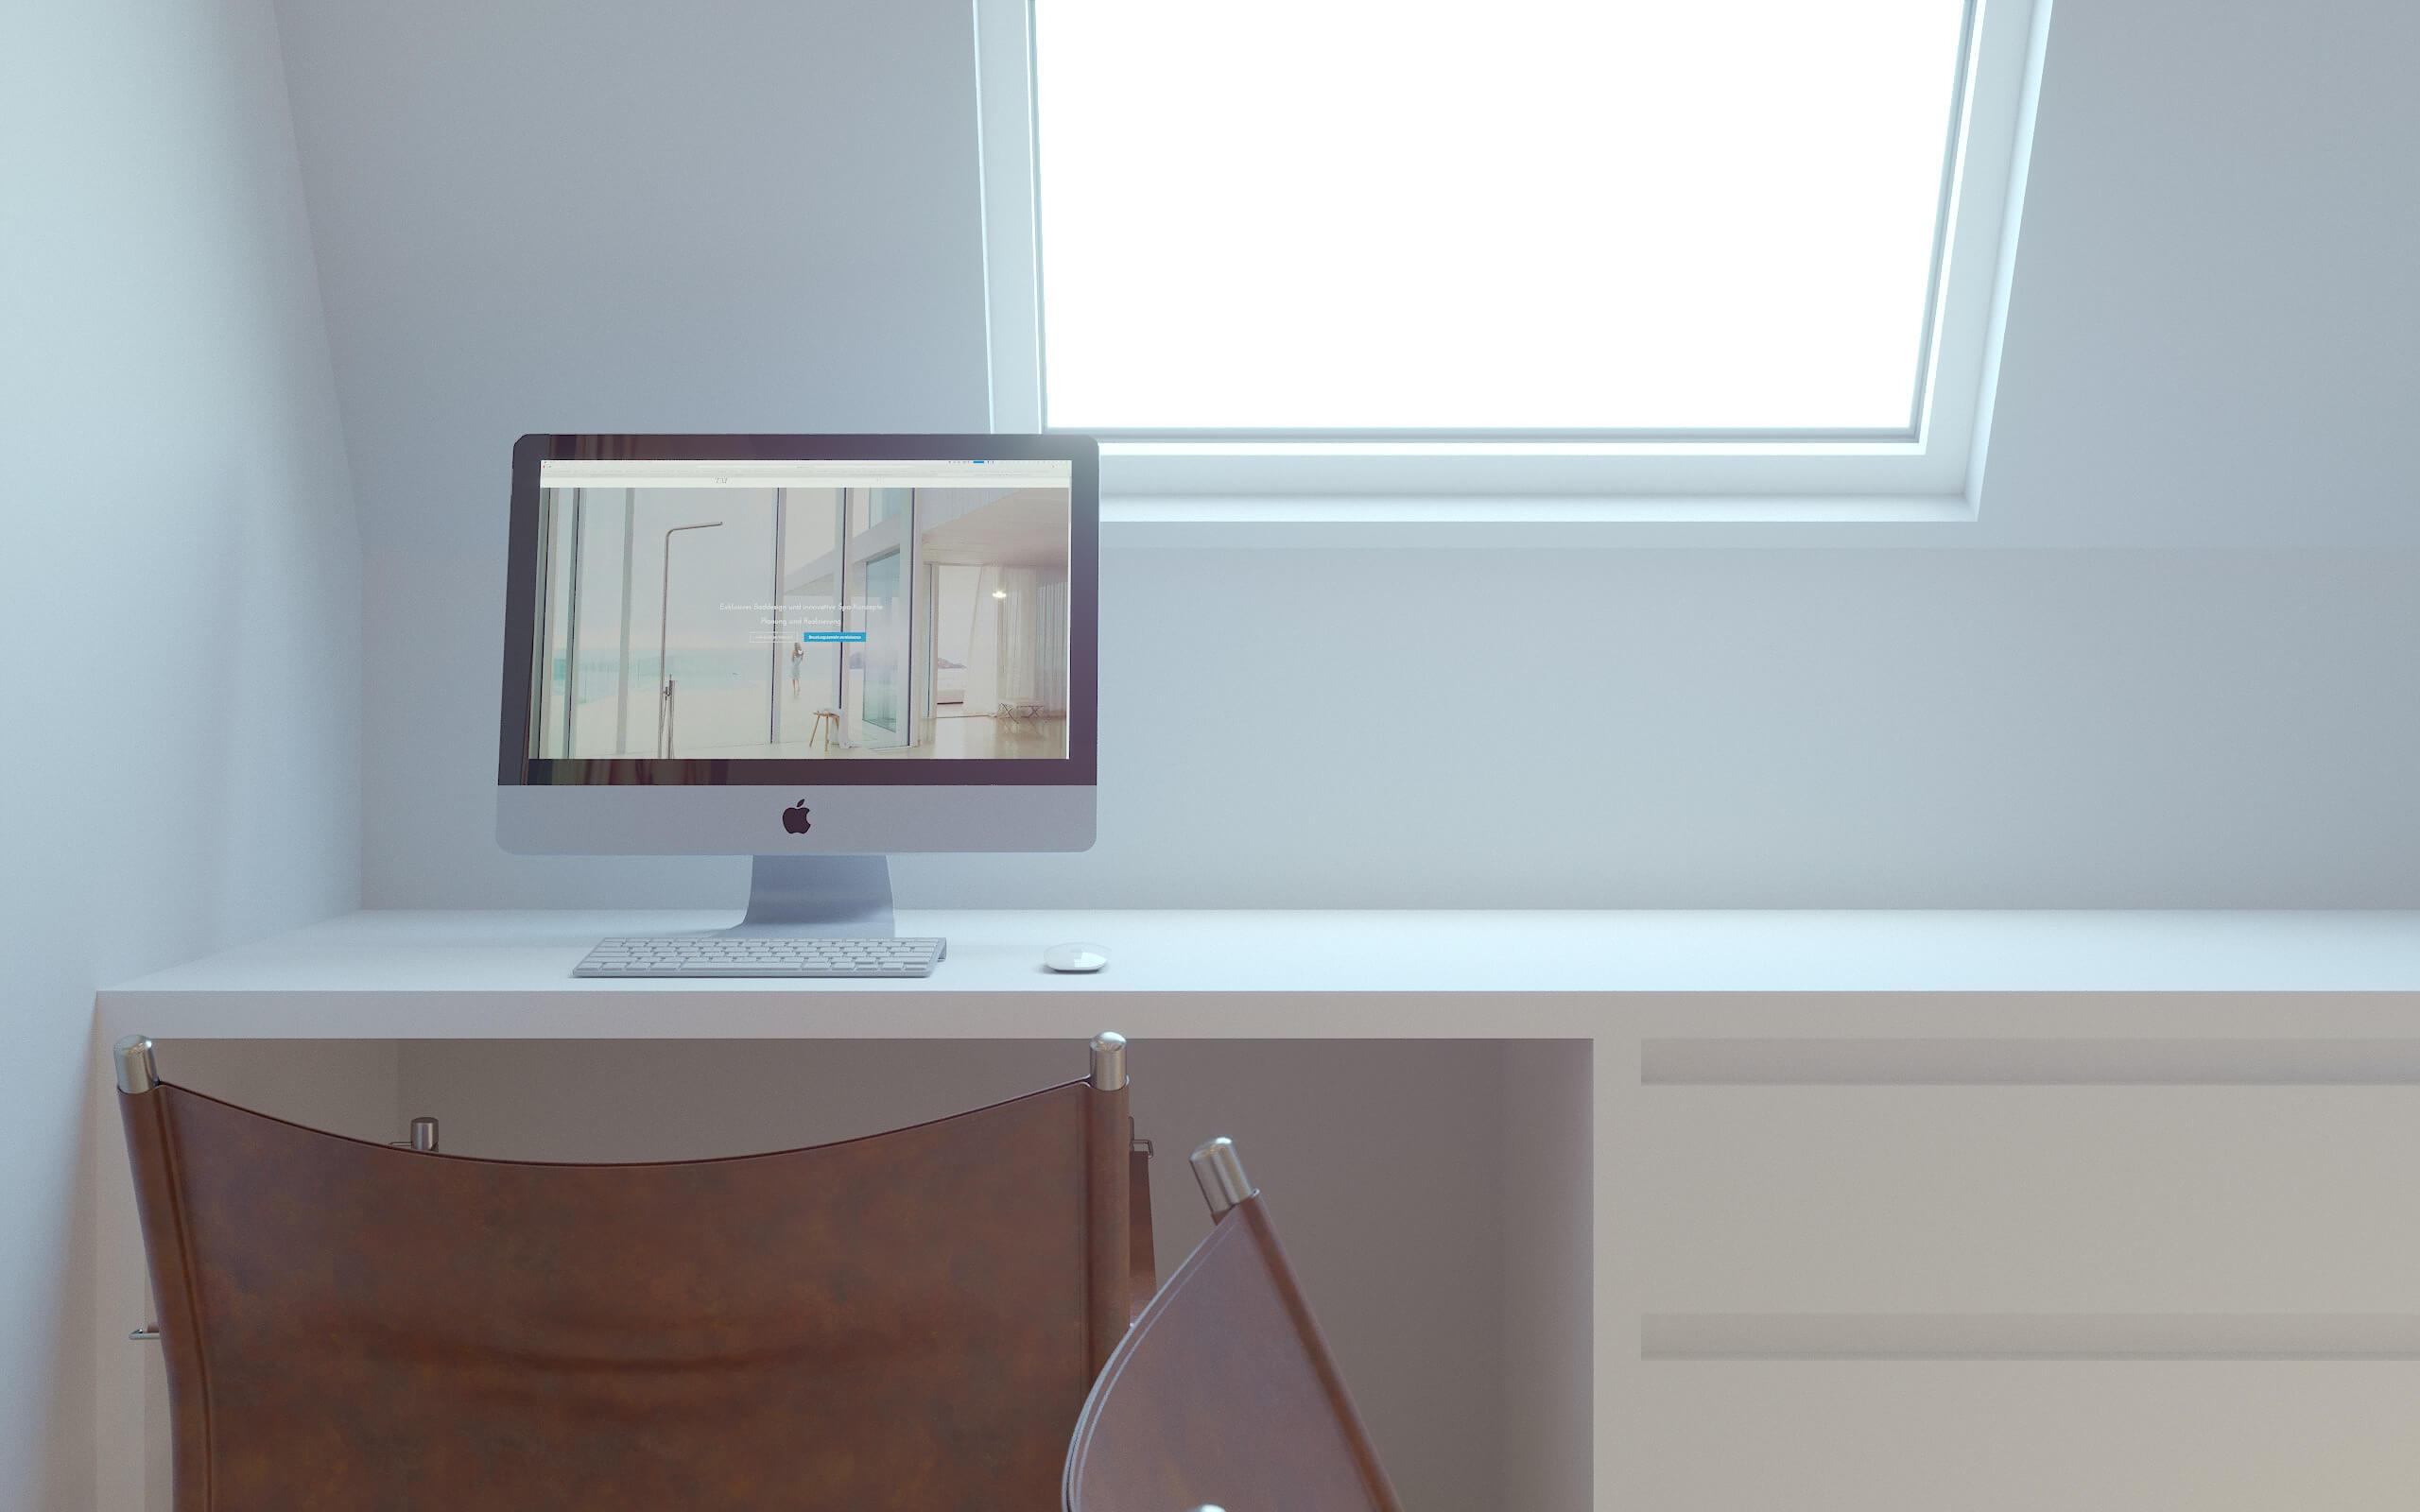 Trendfarbe Weiß: Eine Leinwand für Ihre Wohnträume